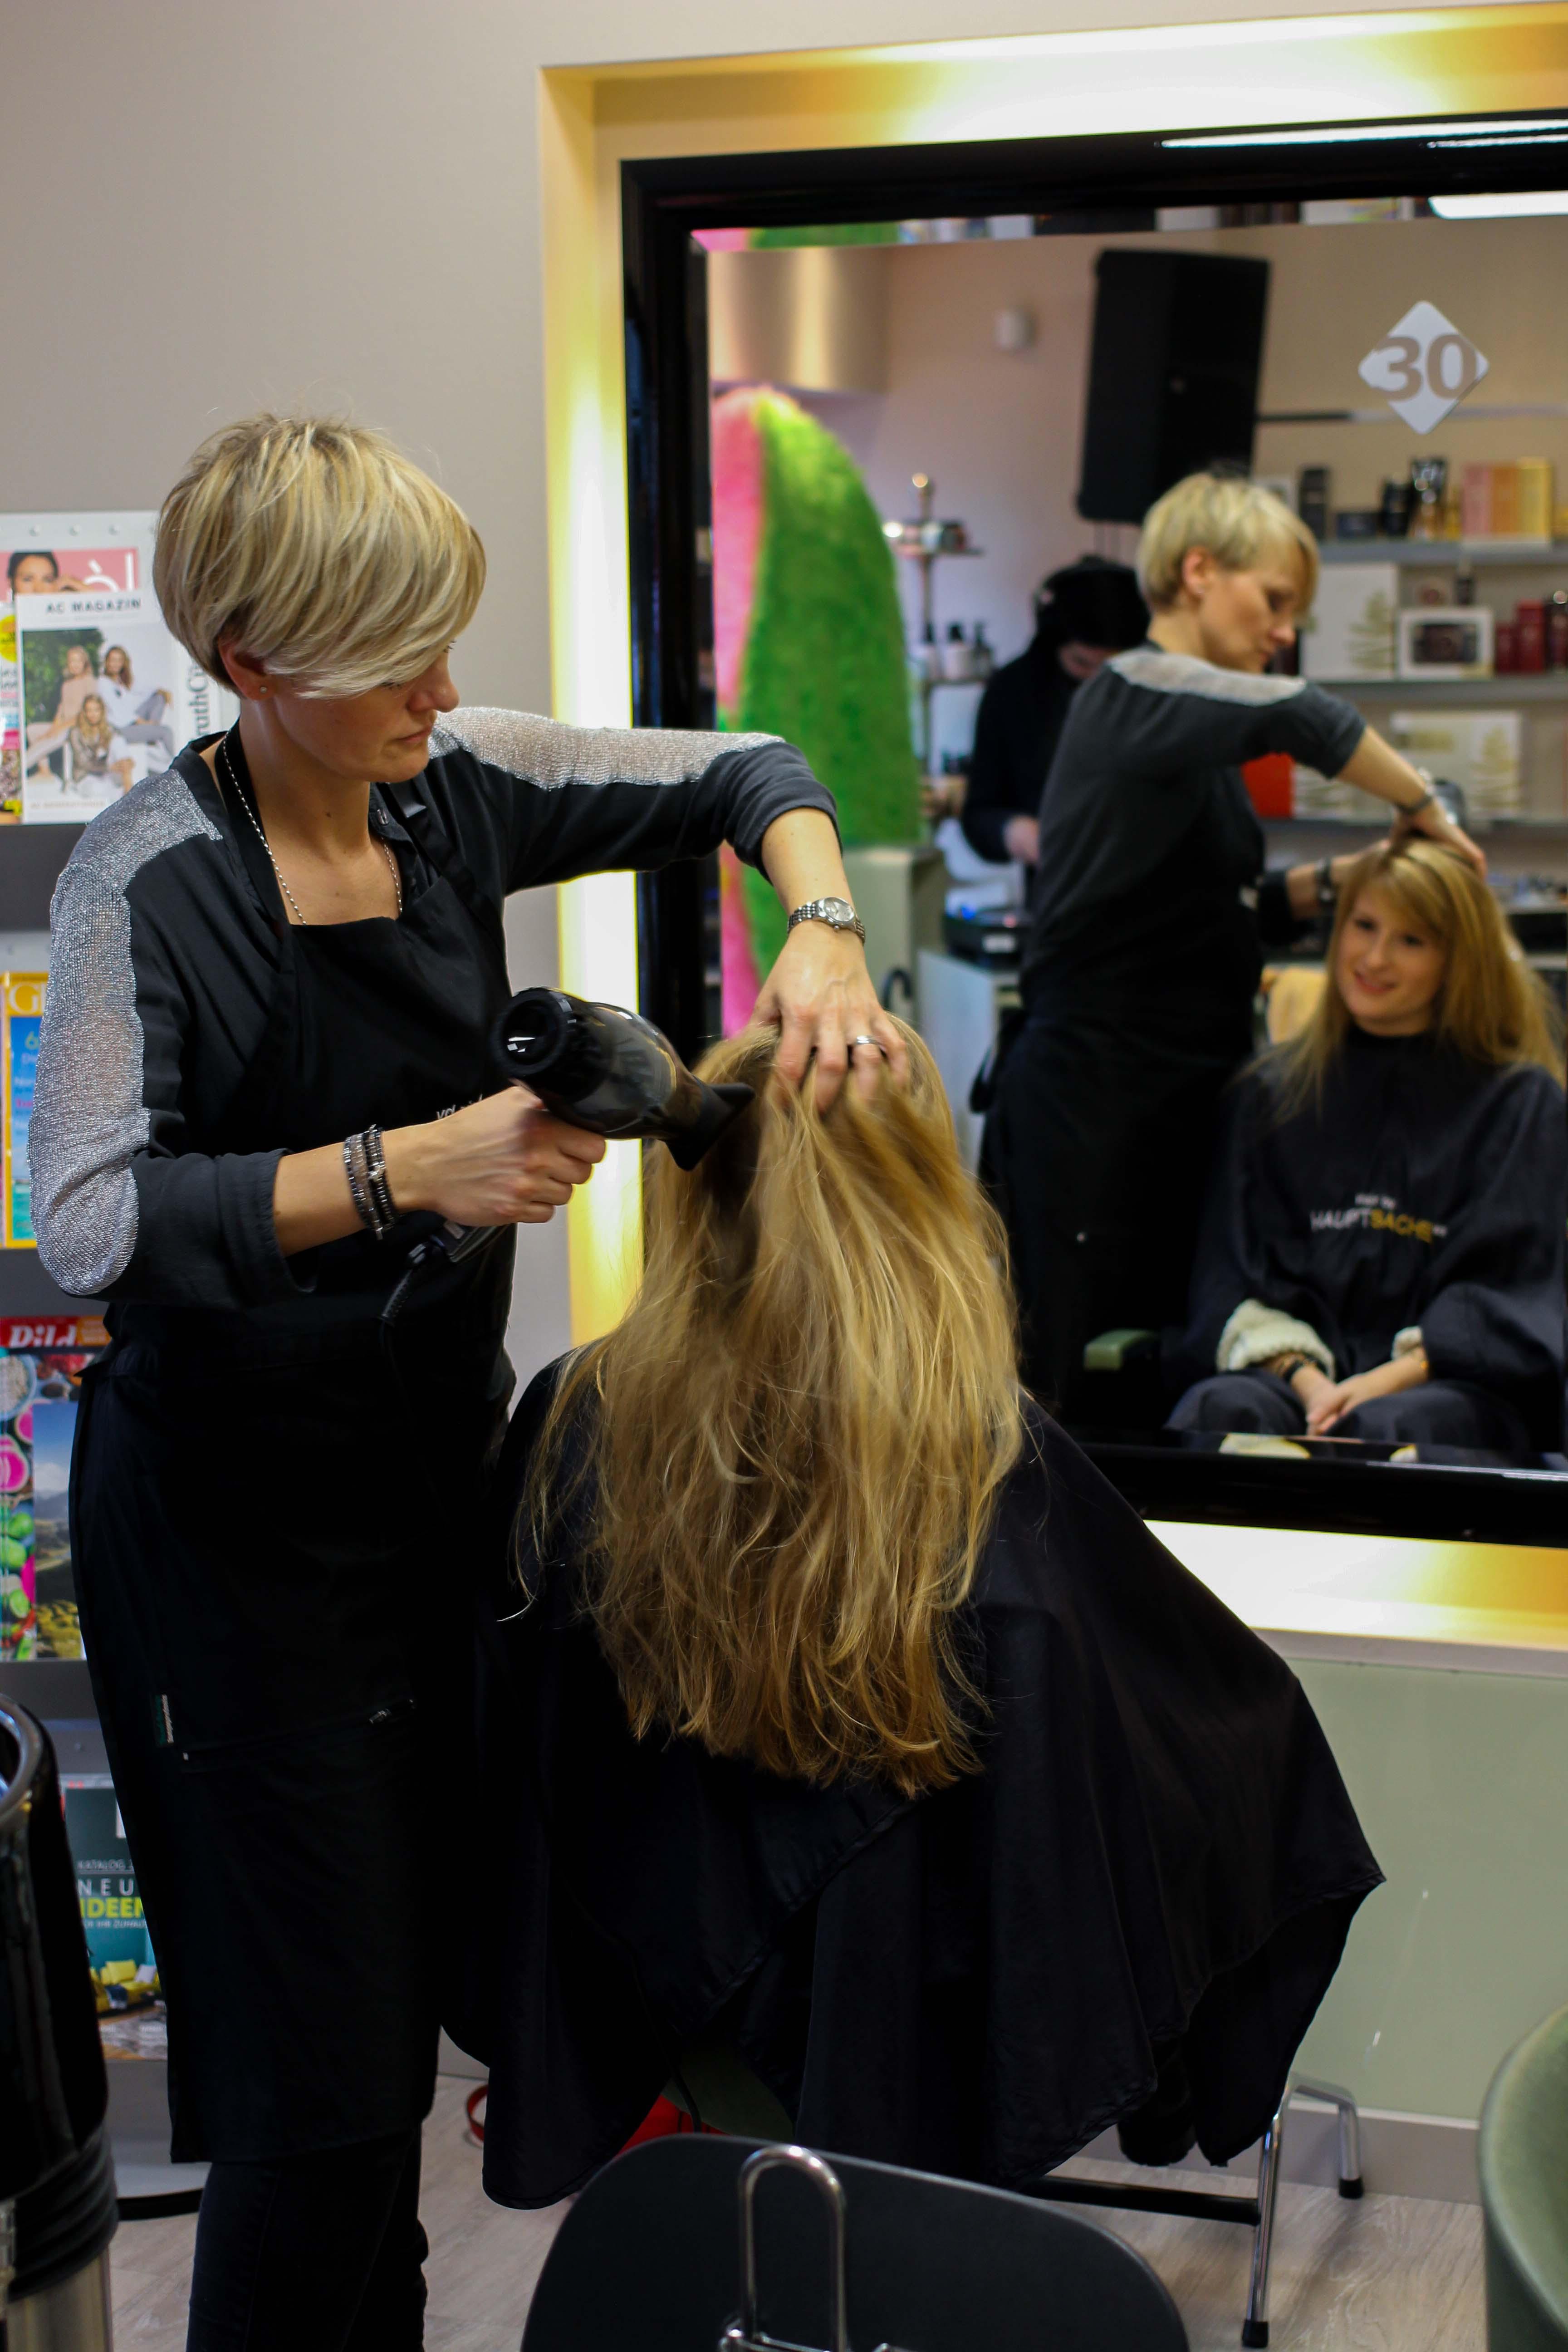 Pretty Beatz-Event Köln Modeblog Latebird Brow Waxing Augenbrauen färben Hair Styling Haare föhnen Hauptsache W3